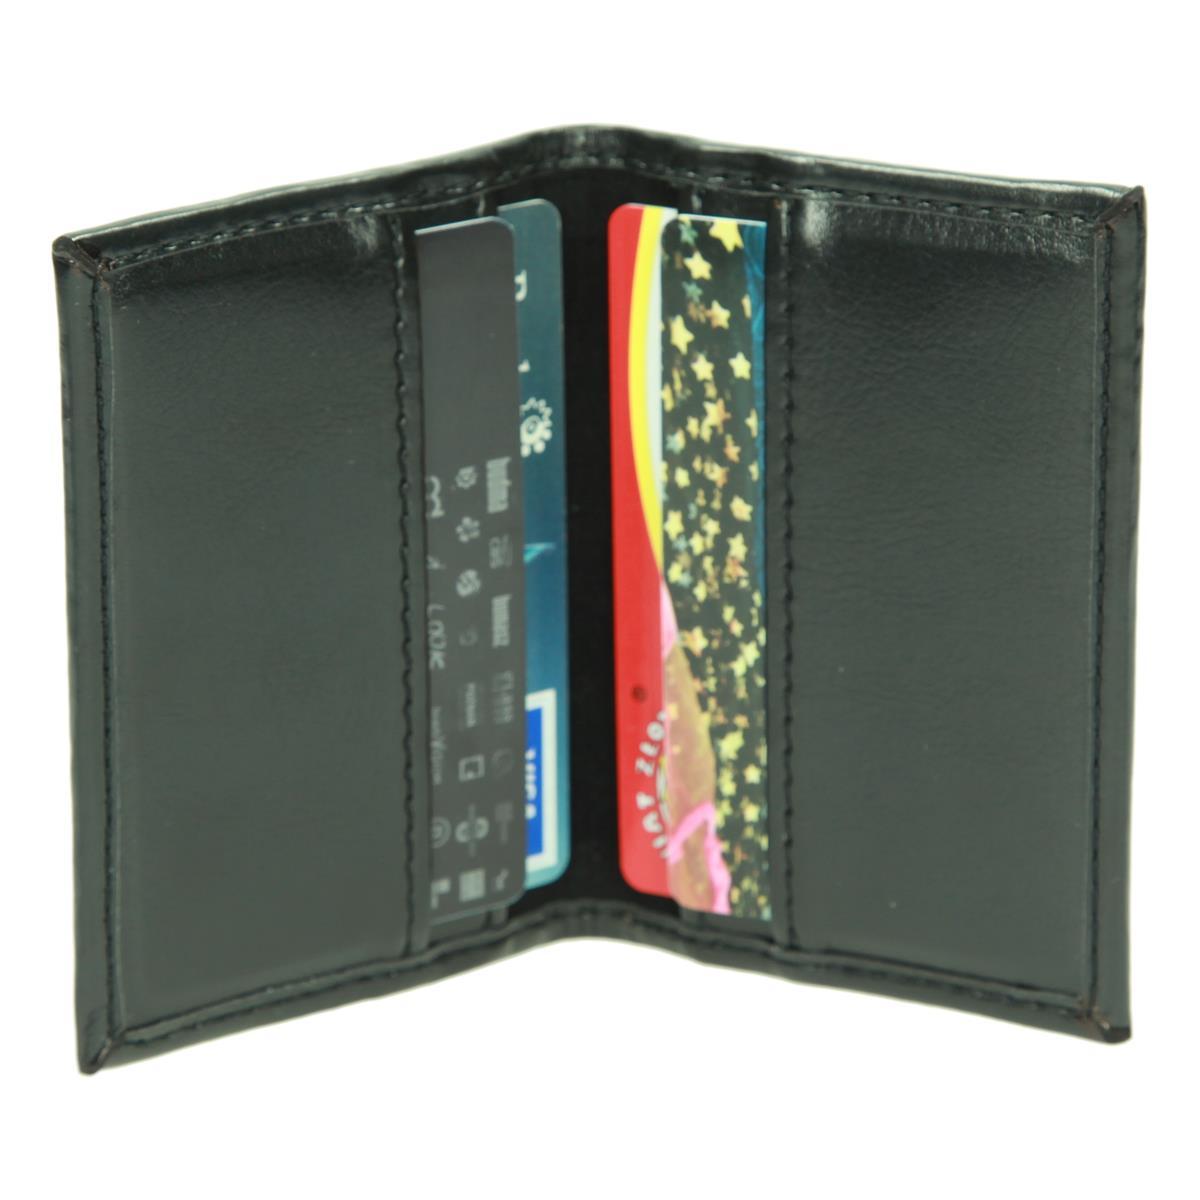 Etui na cztery karty płatnicze 0971_1 Etui na karty magnetyczne